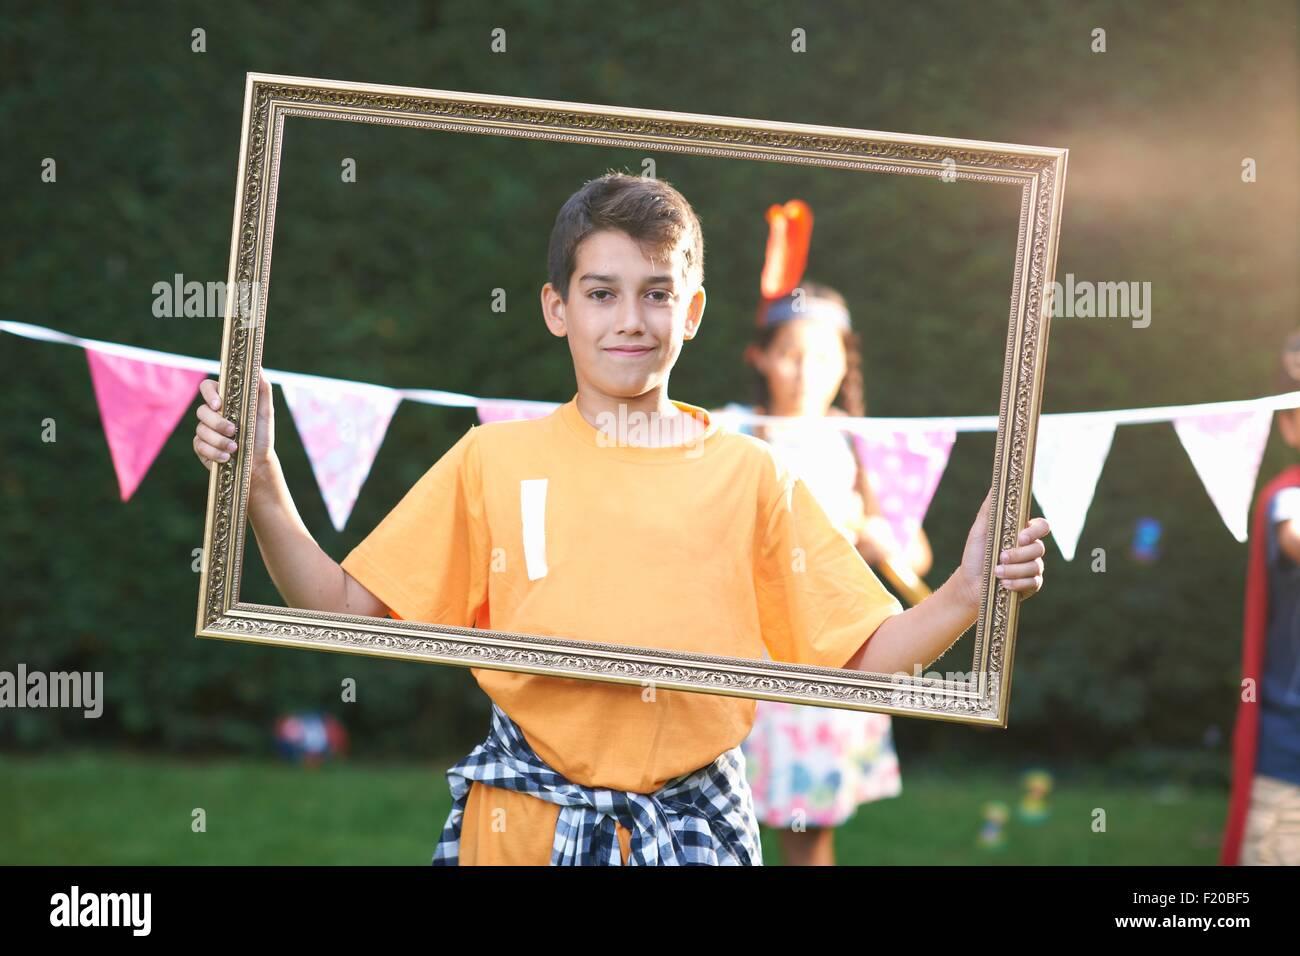 Porträt eines jungen Blick durch Bilderrahmen, Blick in die Kamera ...